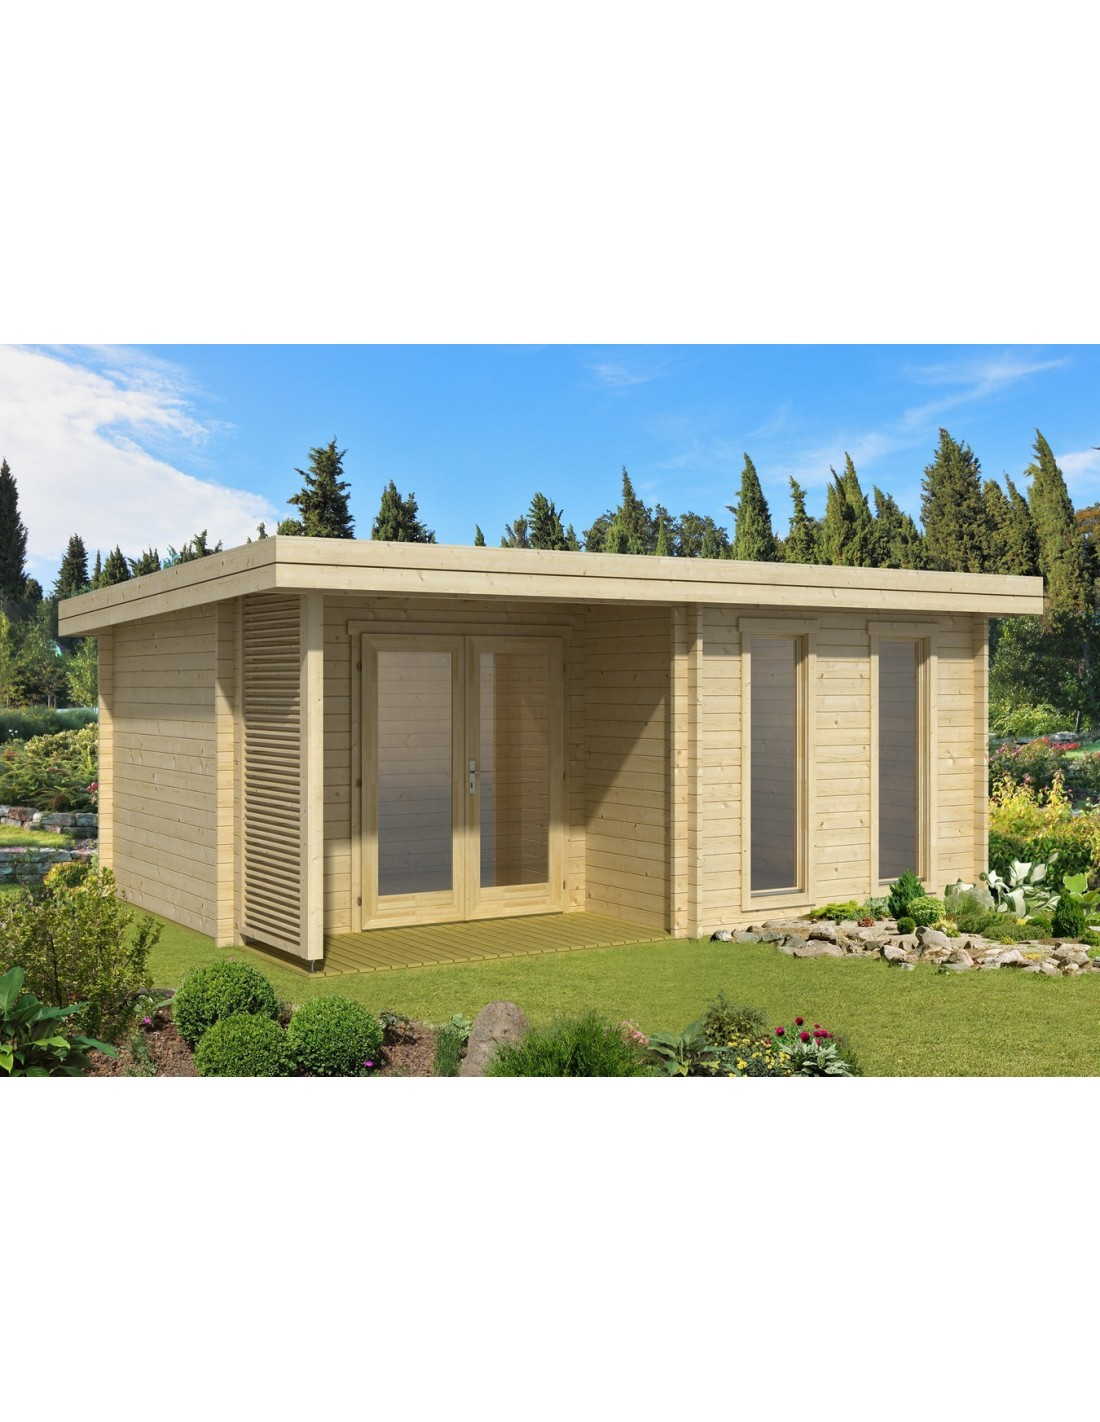 Abri de jardin orkney 16 4 m avec plancher bois massif - Abris de jardin avec plancher ...